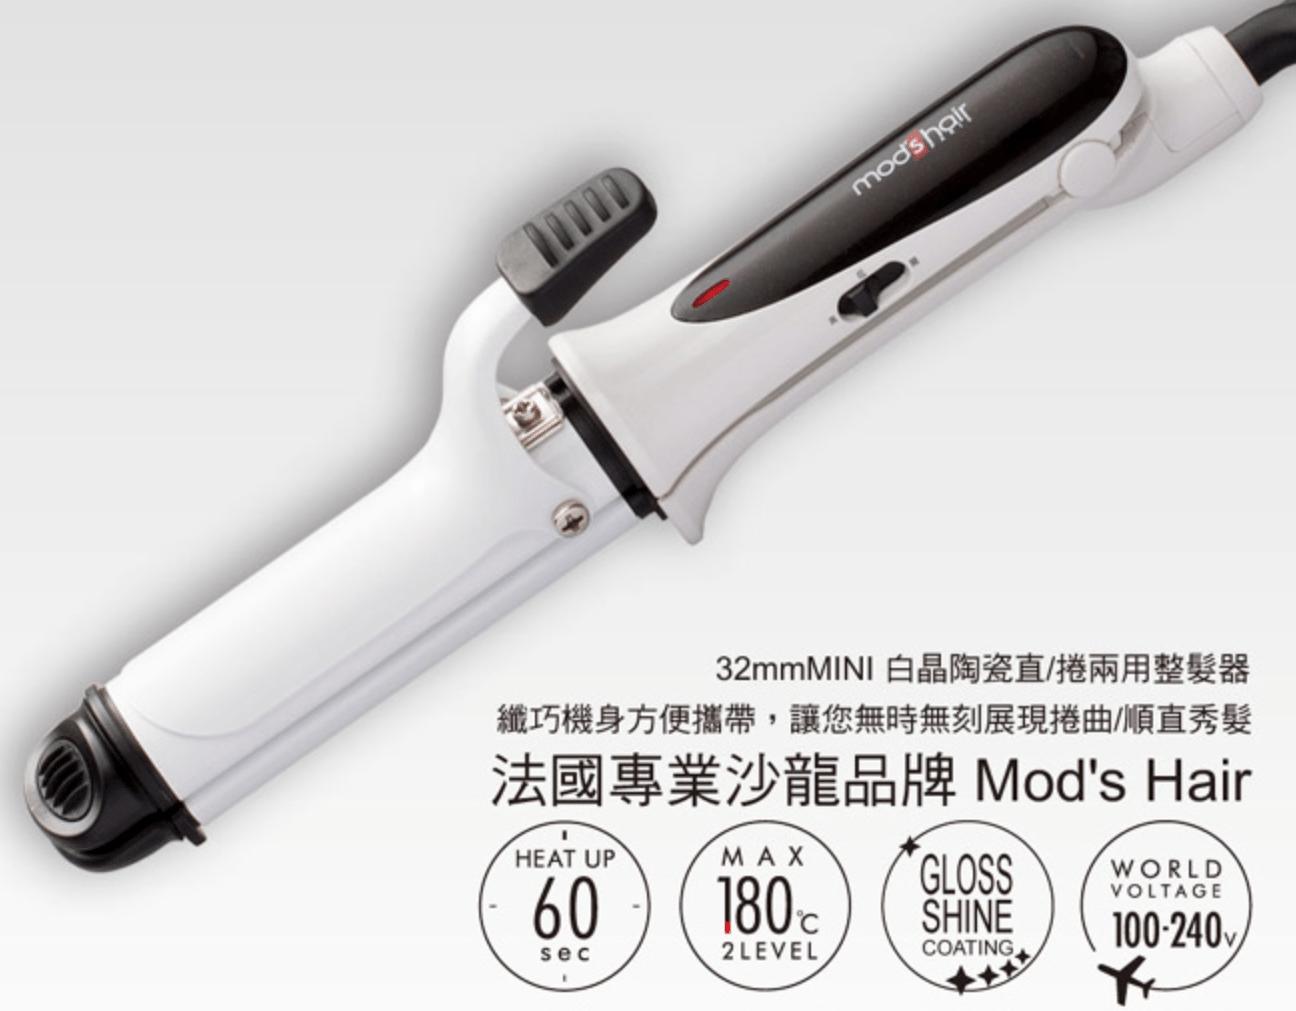 mods hair 直捲兩用電棒